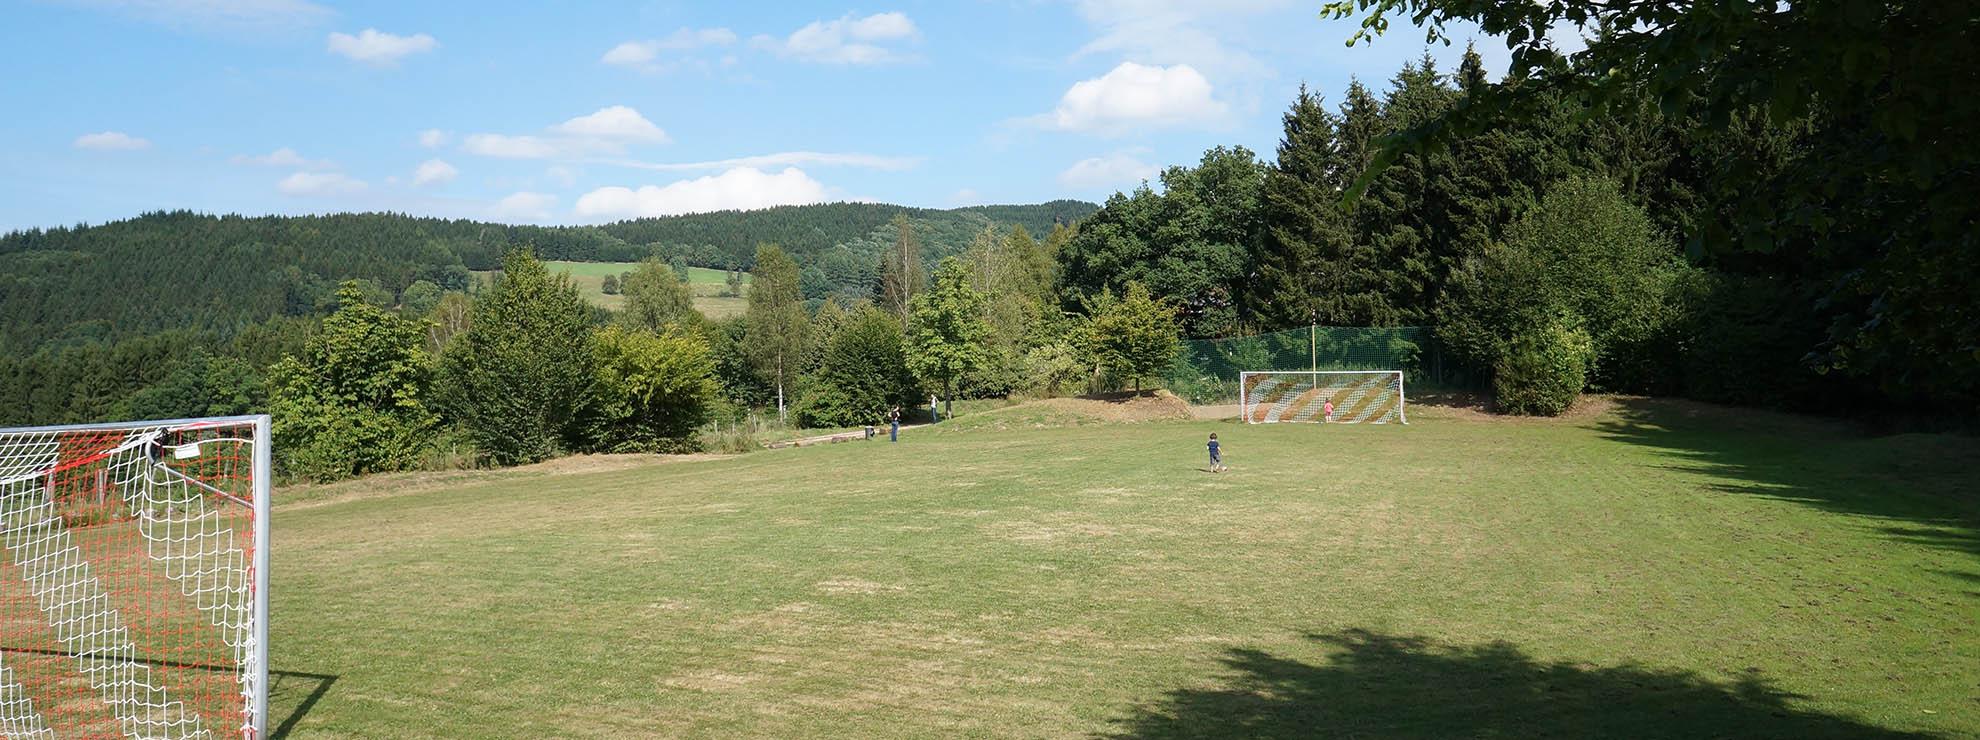 Eigener Rasenplatz direkt am Hotel - für Ihr Trainingslager im Sauerland